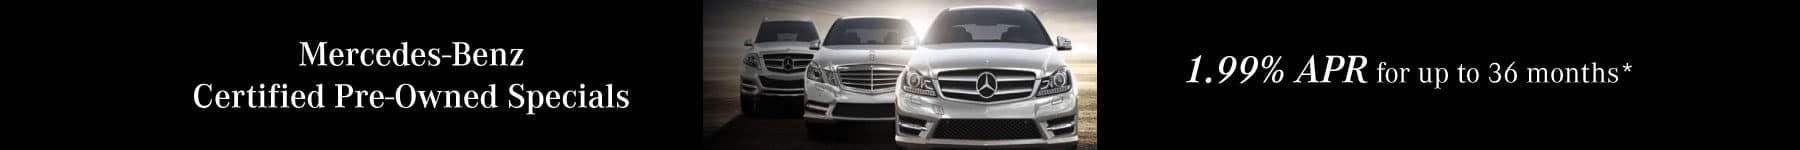 Mercedes-Benz of Atlantic City used car specials